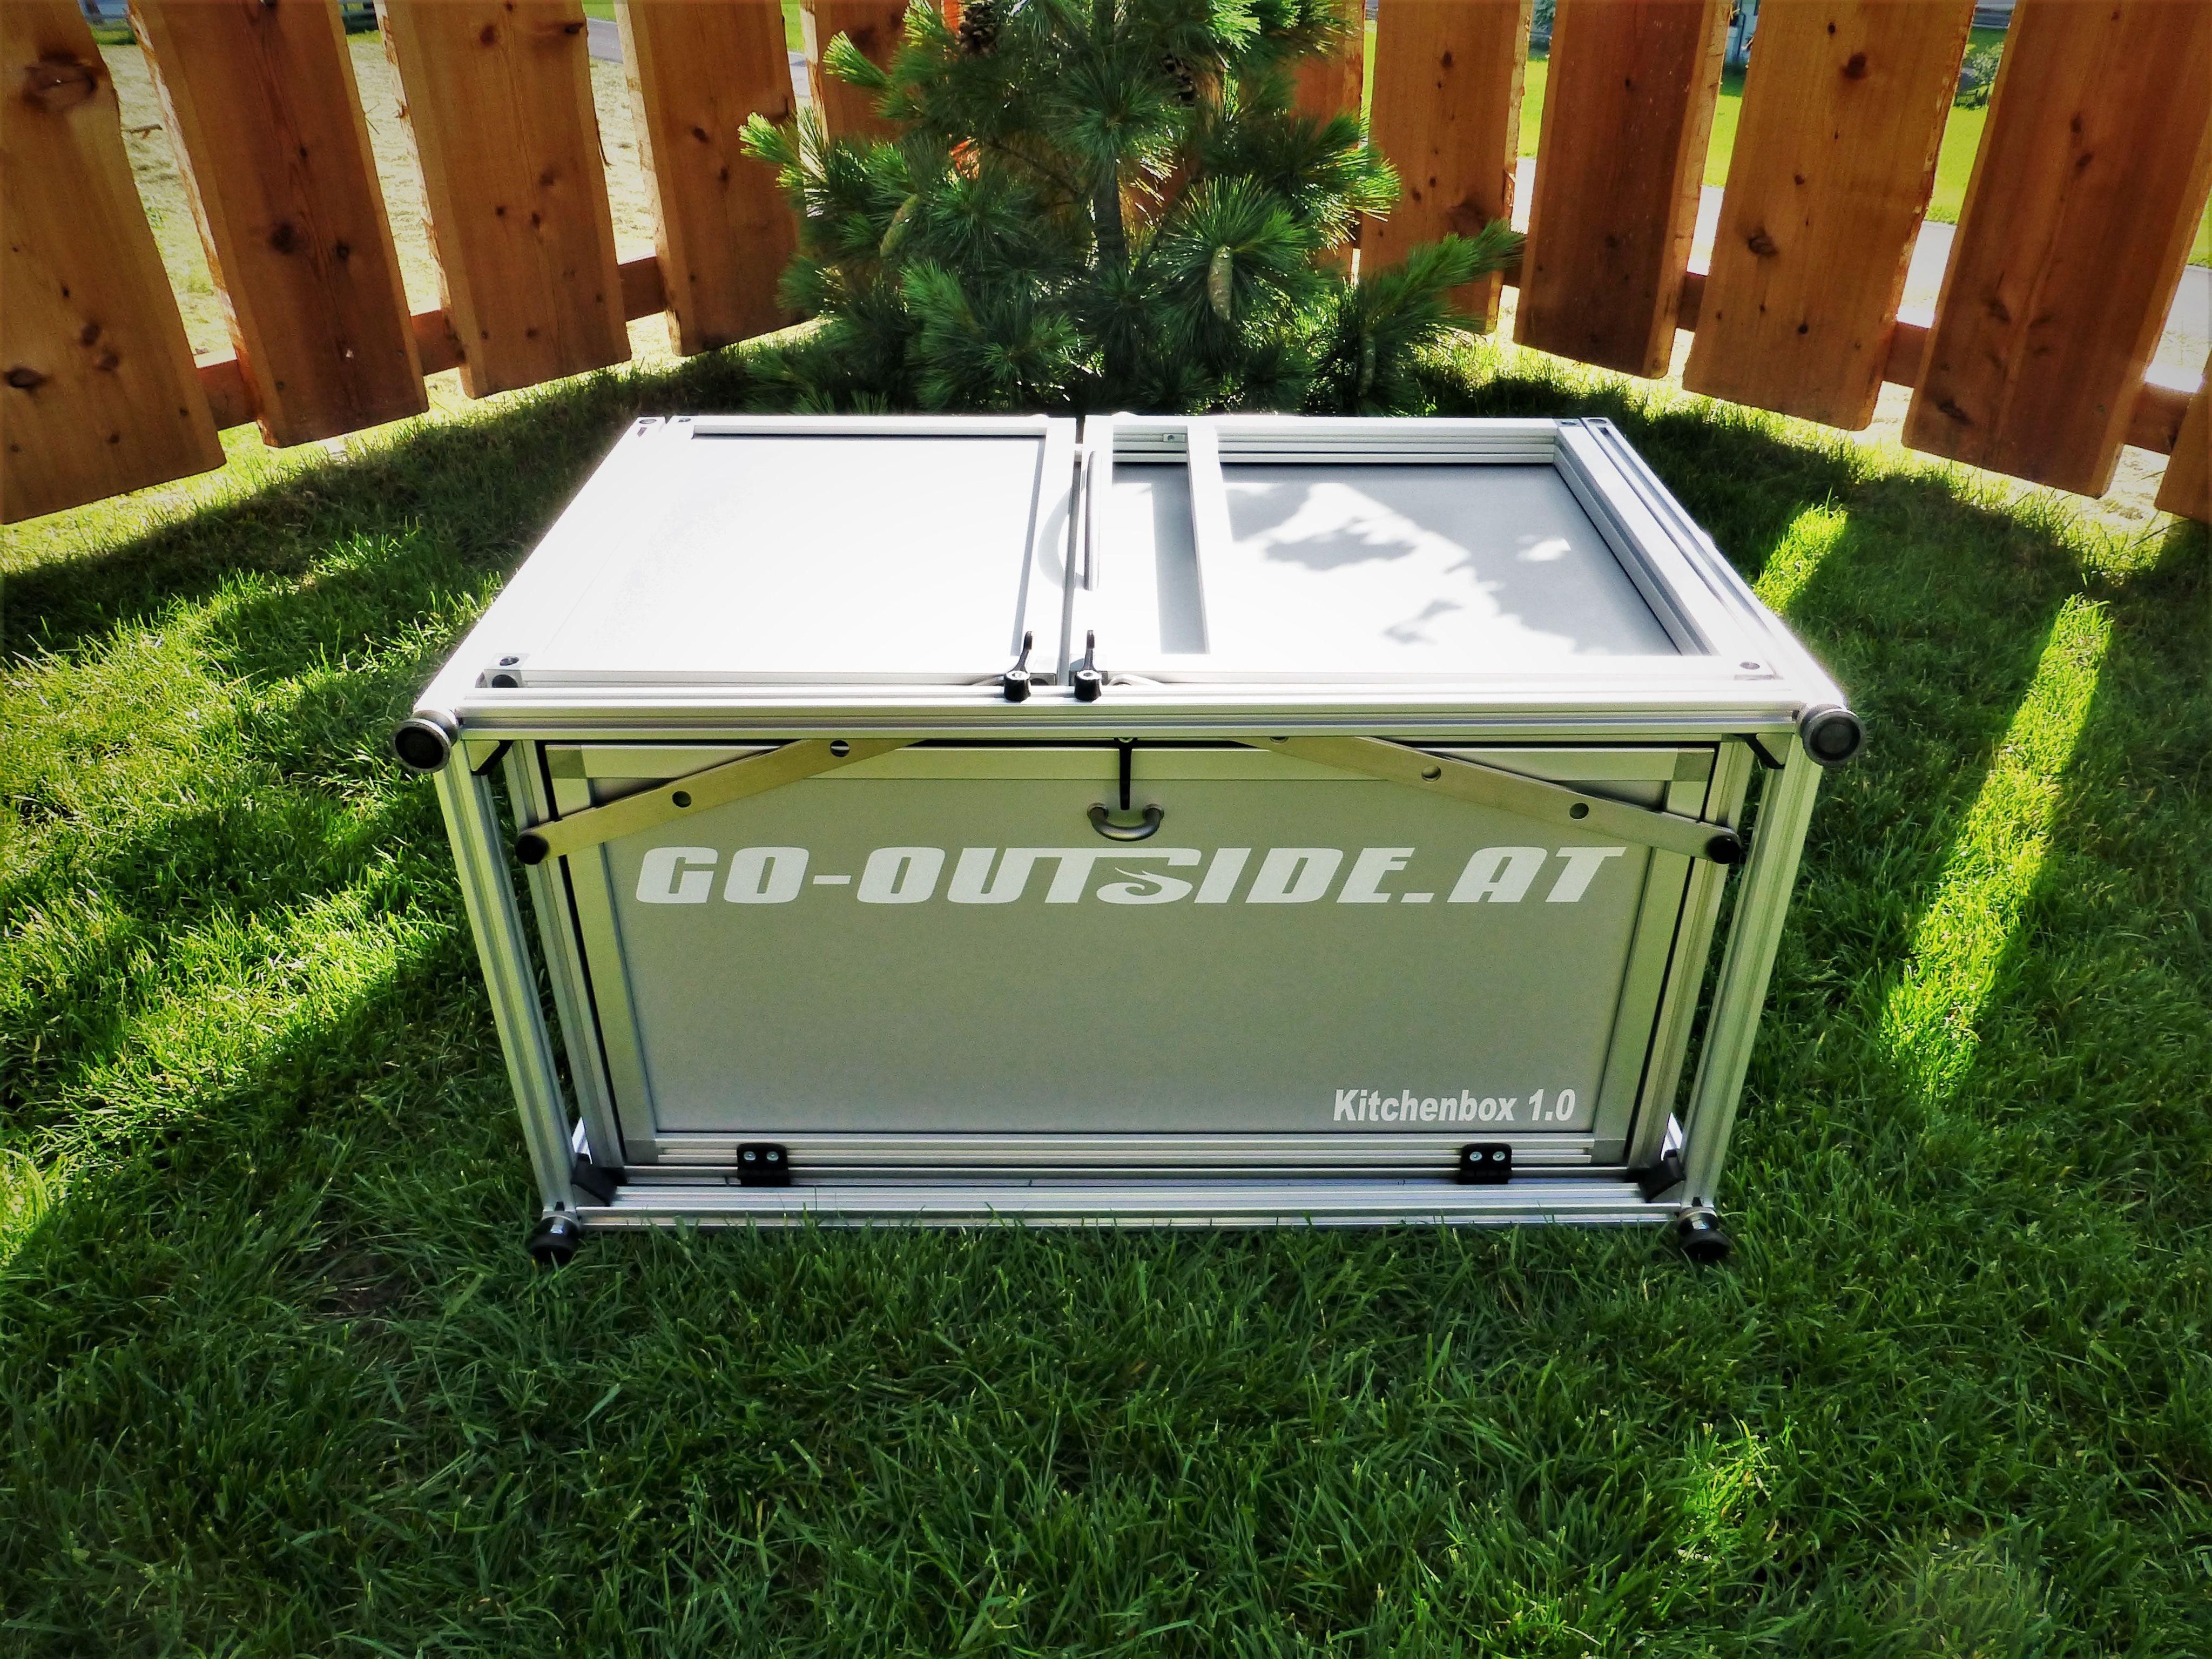 Outdoorküche Deko Dekoder : Mobile outdoor küche bauen: mobile outdoor küche selber bauen ideen